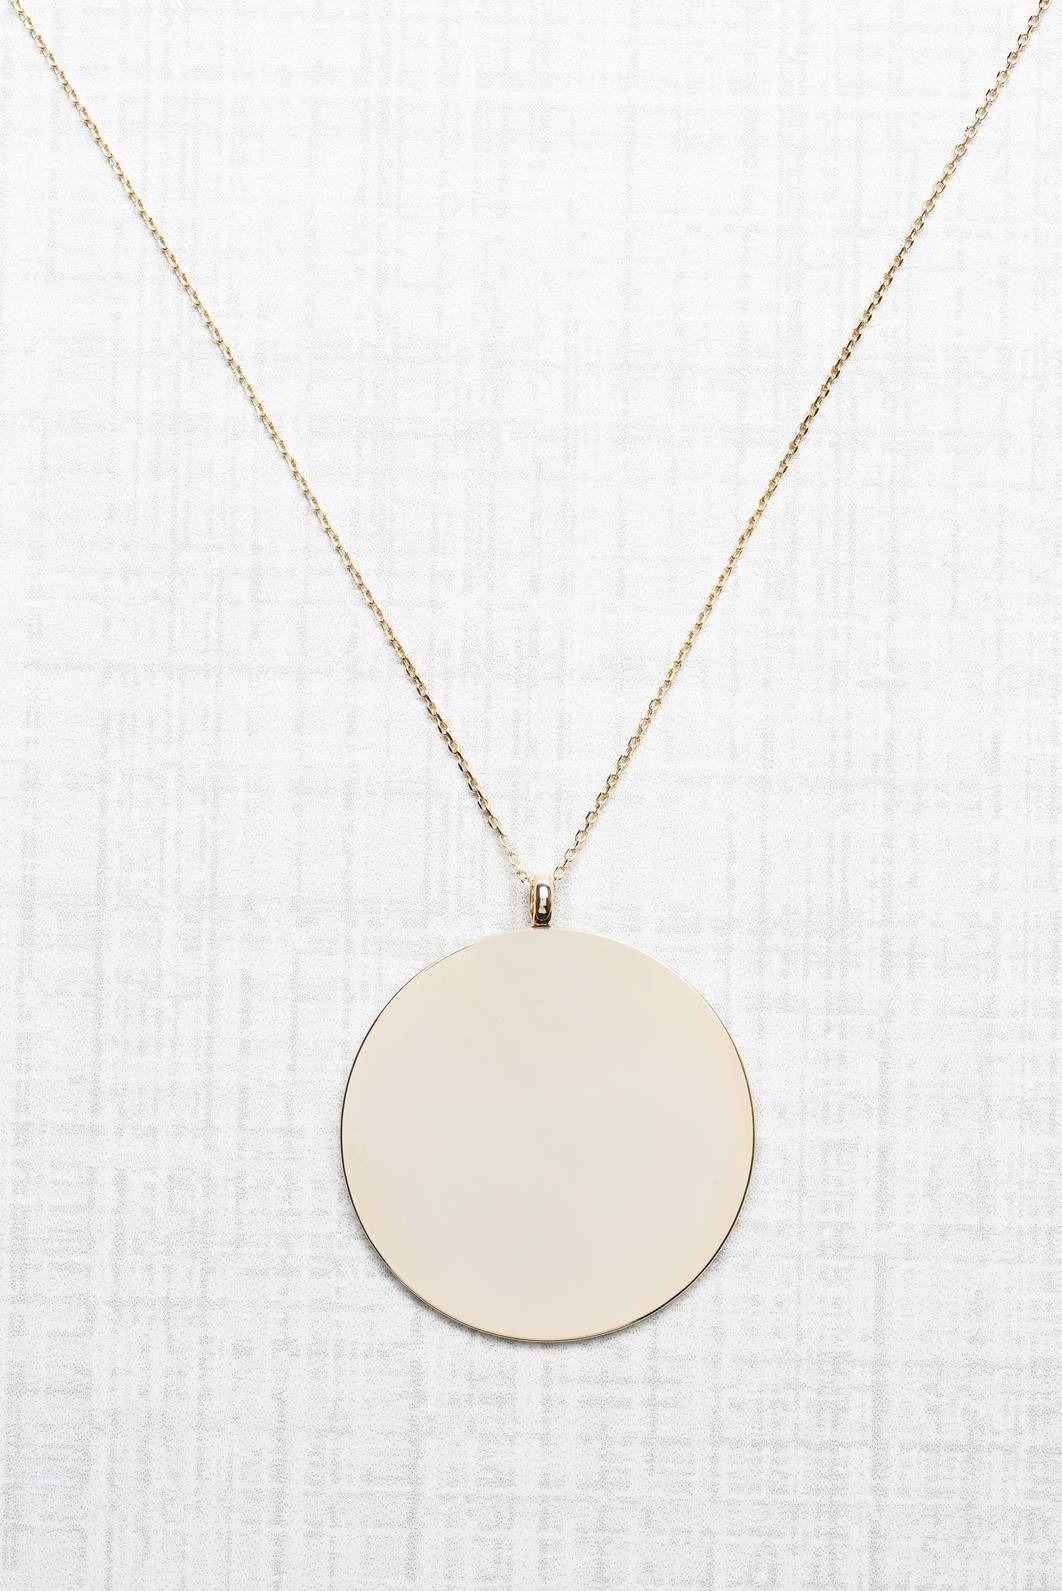 Bret boho clean gold disc pendant necklace south moon under bret boho clean gold disc pendant necklace south moon under aloadofball Gallery